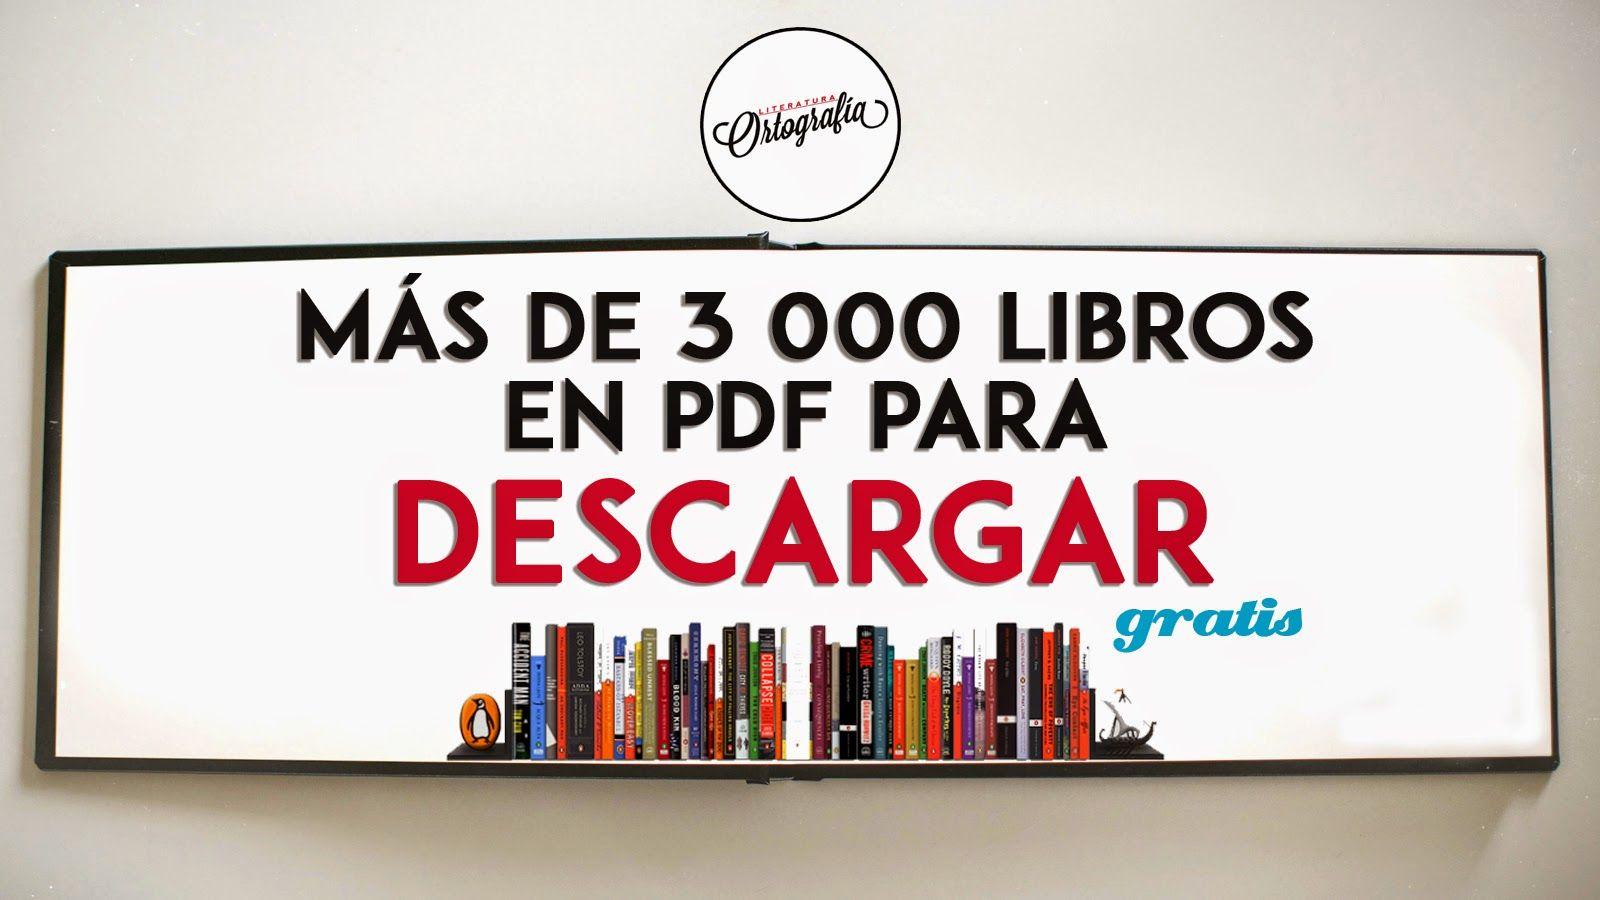 MÁS DE 3 000 LIBROS EN PDF PARA DESCARGAR GRATIS